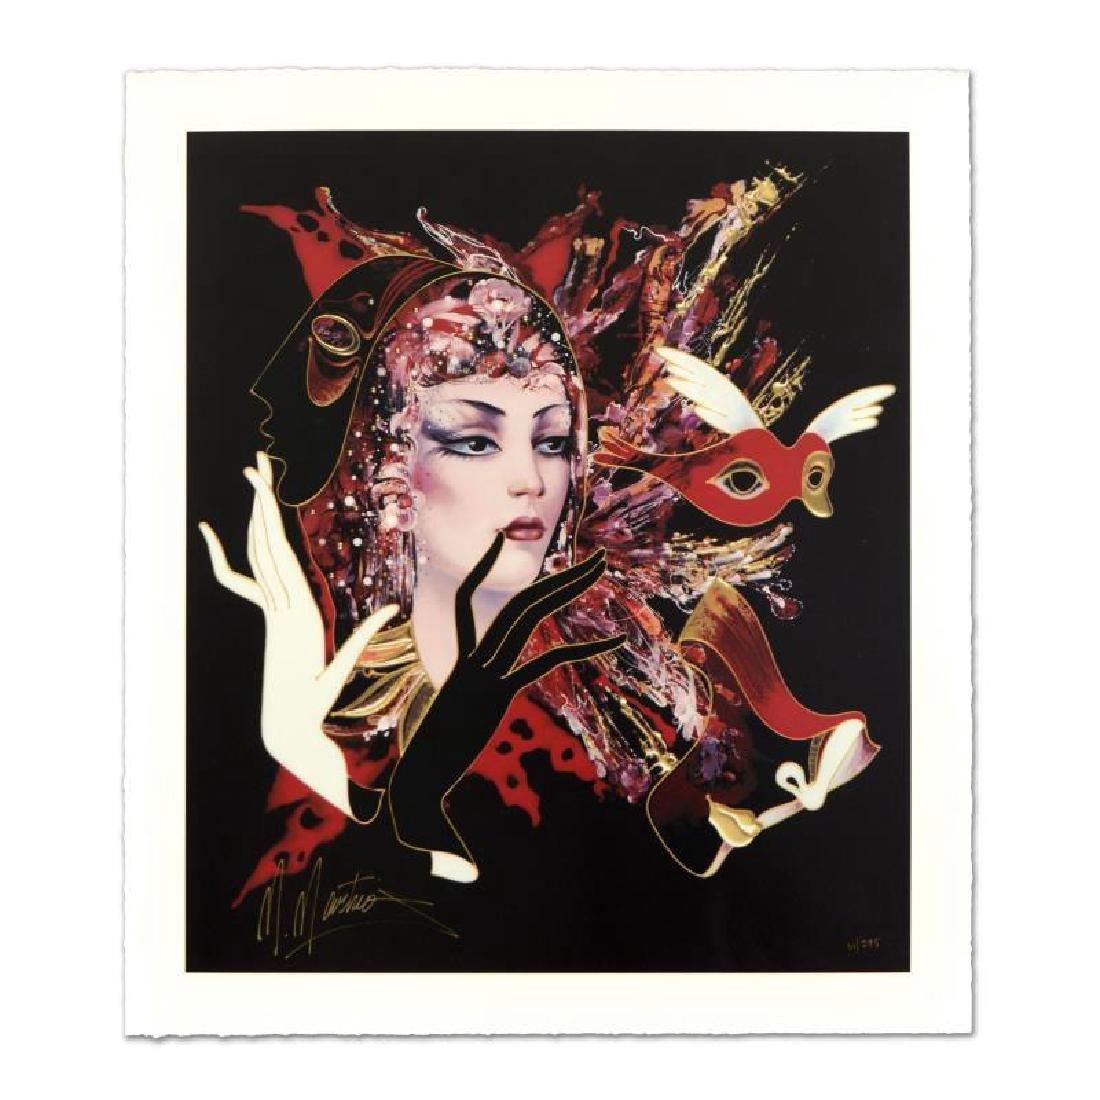 """Martiros Manoukian - """"Sophisticated Glance"""" Limited"""